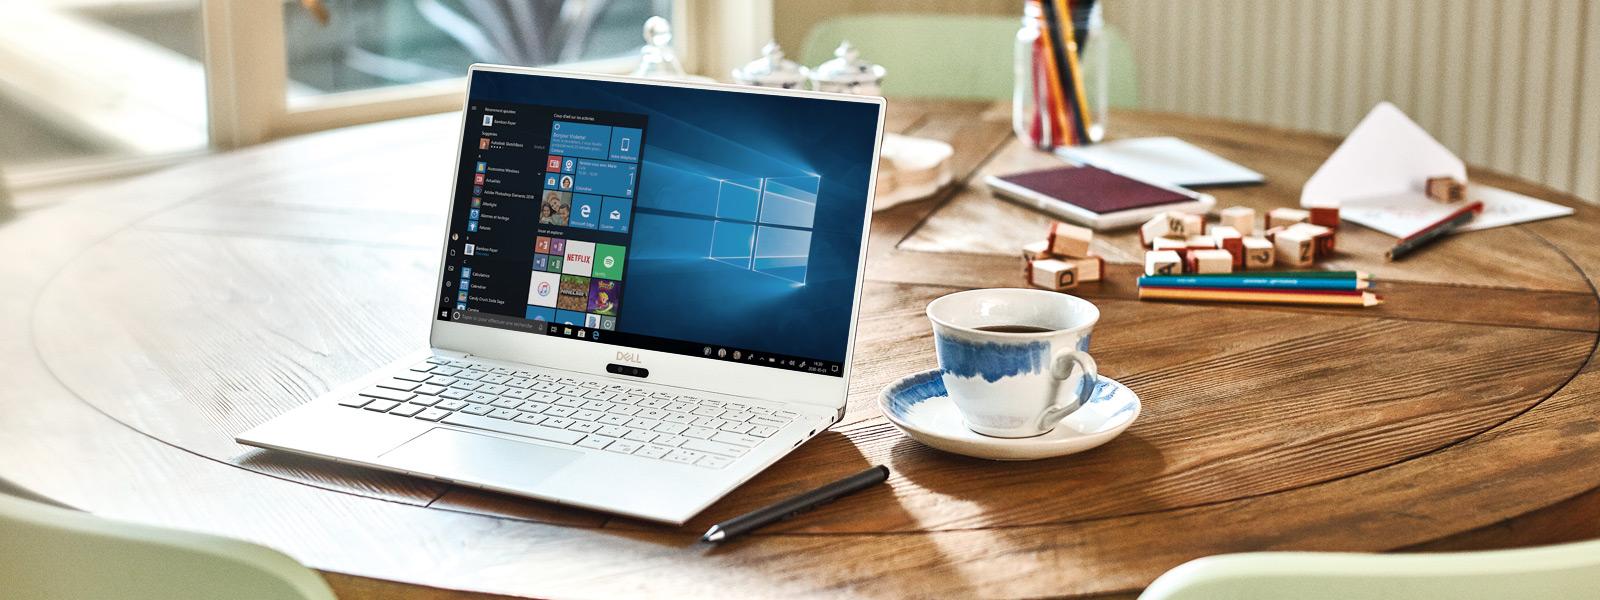 Un Dell XPS 13 9370 est ouvert sur une table avec un écran d'accueil Windows 10.